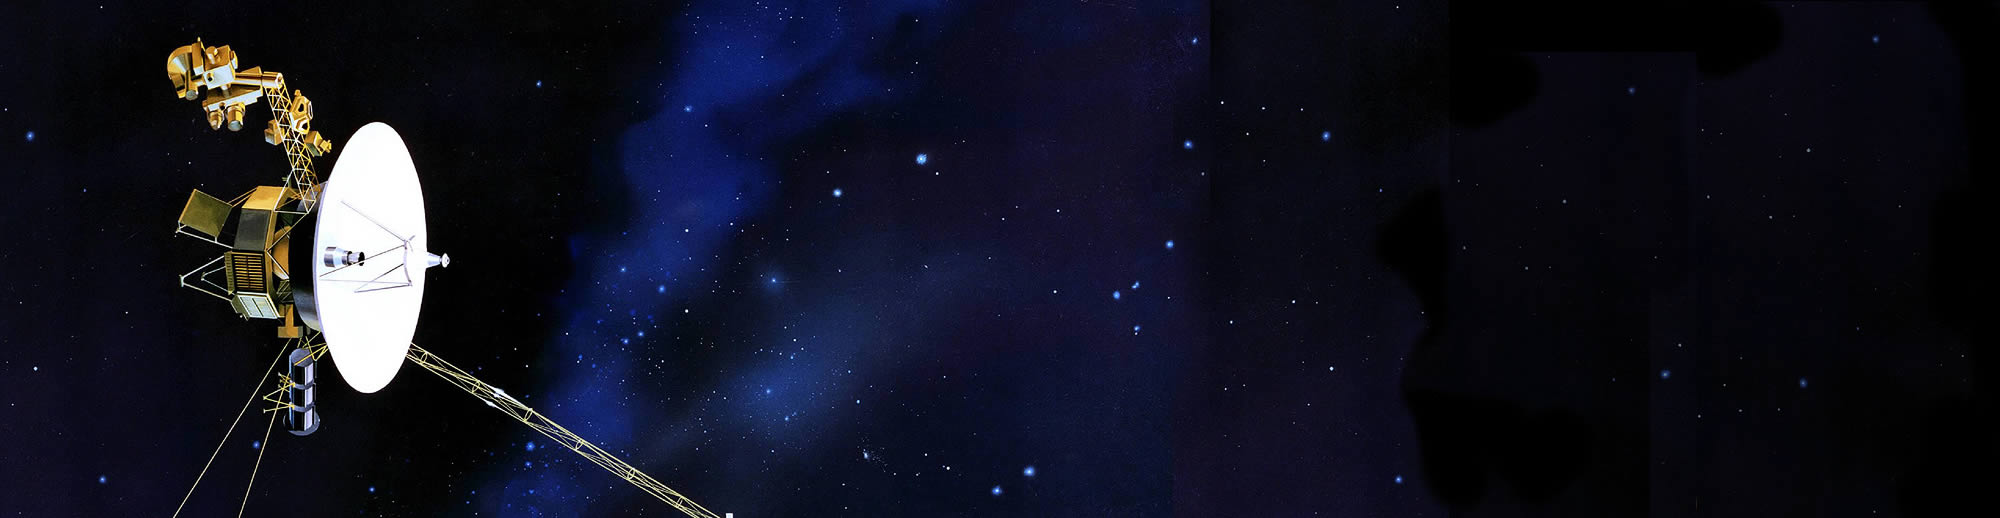 Artist rendering of Voyager flying in space